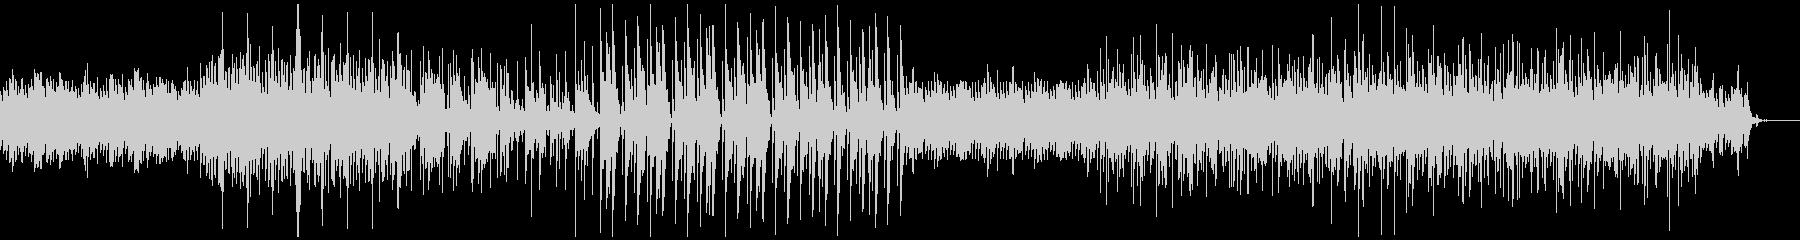 かわいらしくも切ないエレクトロニカ曲の未再生の波形